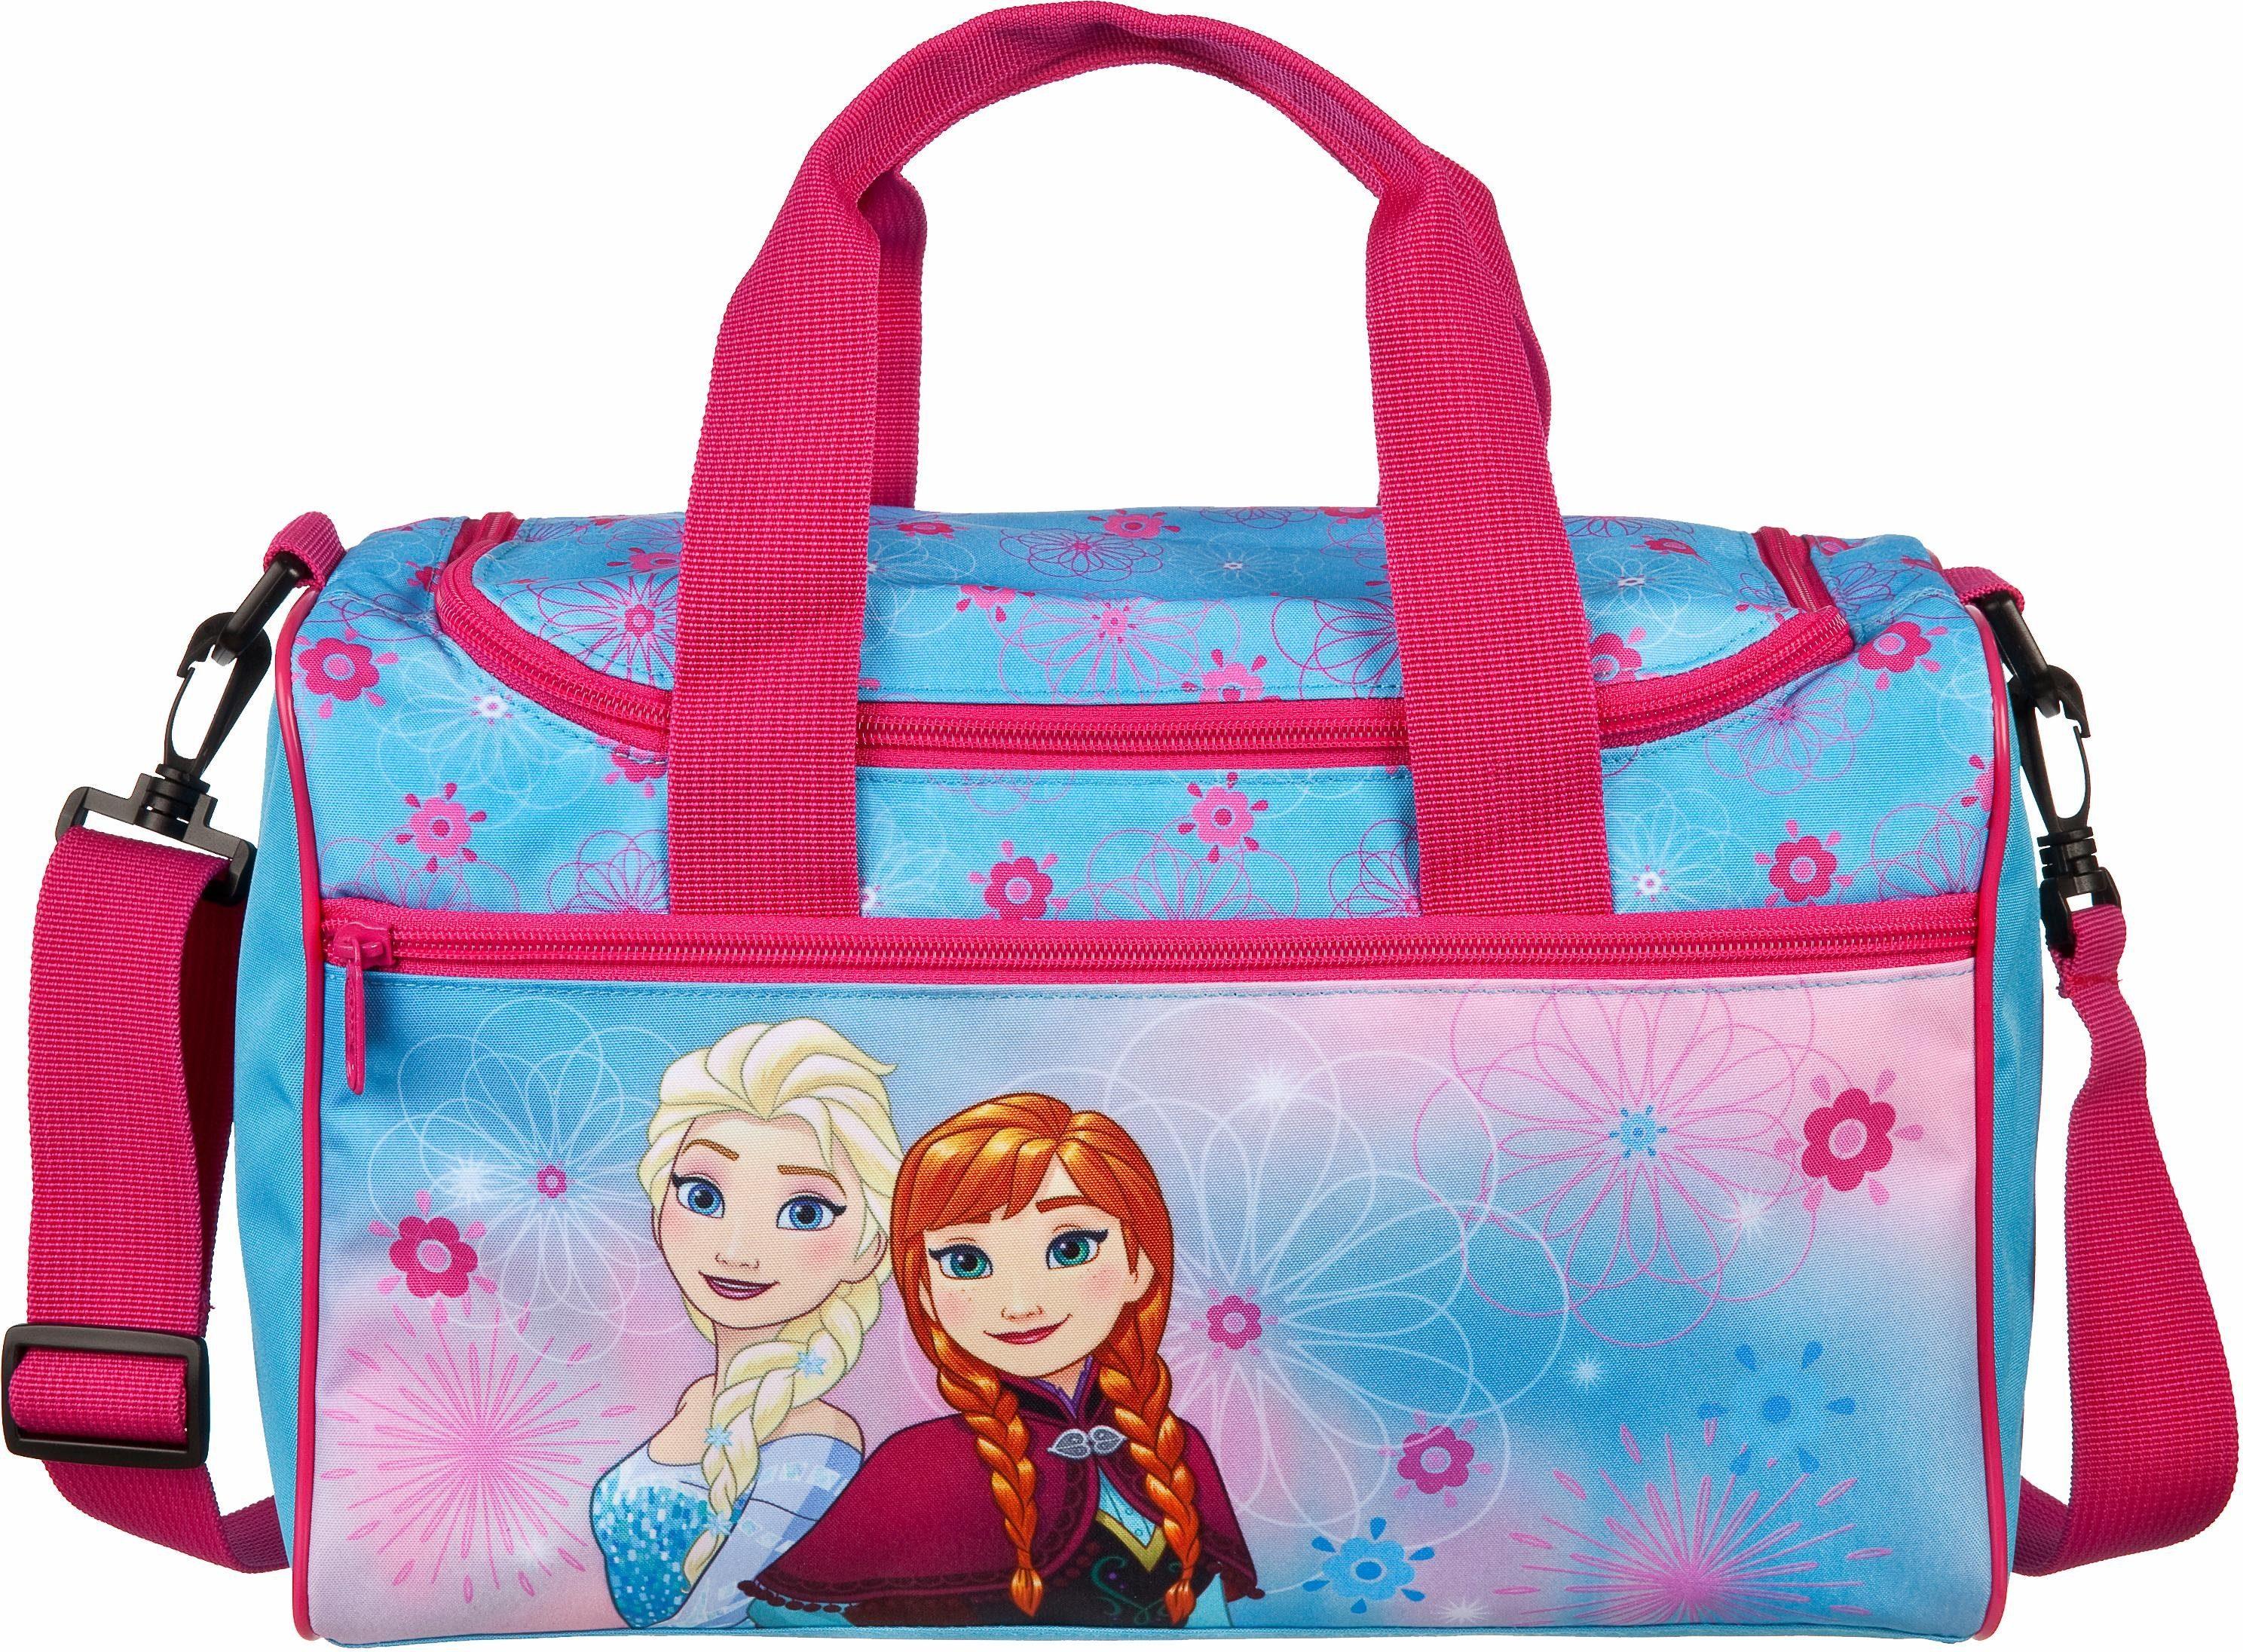 Scooli Sporttasche, »Disney Frozen«